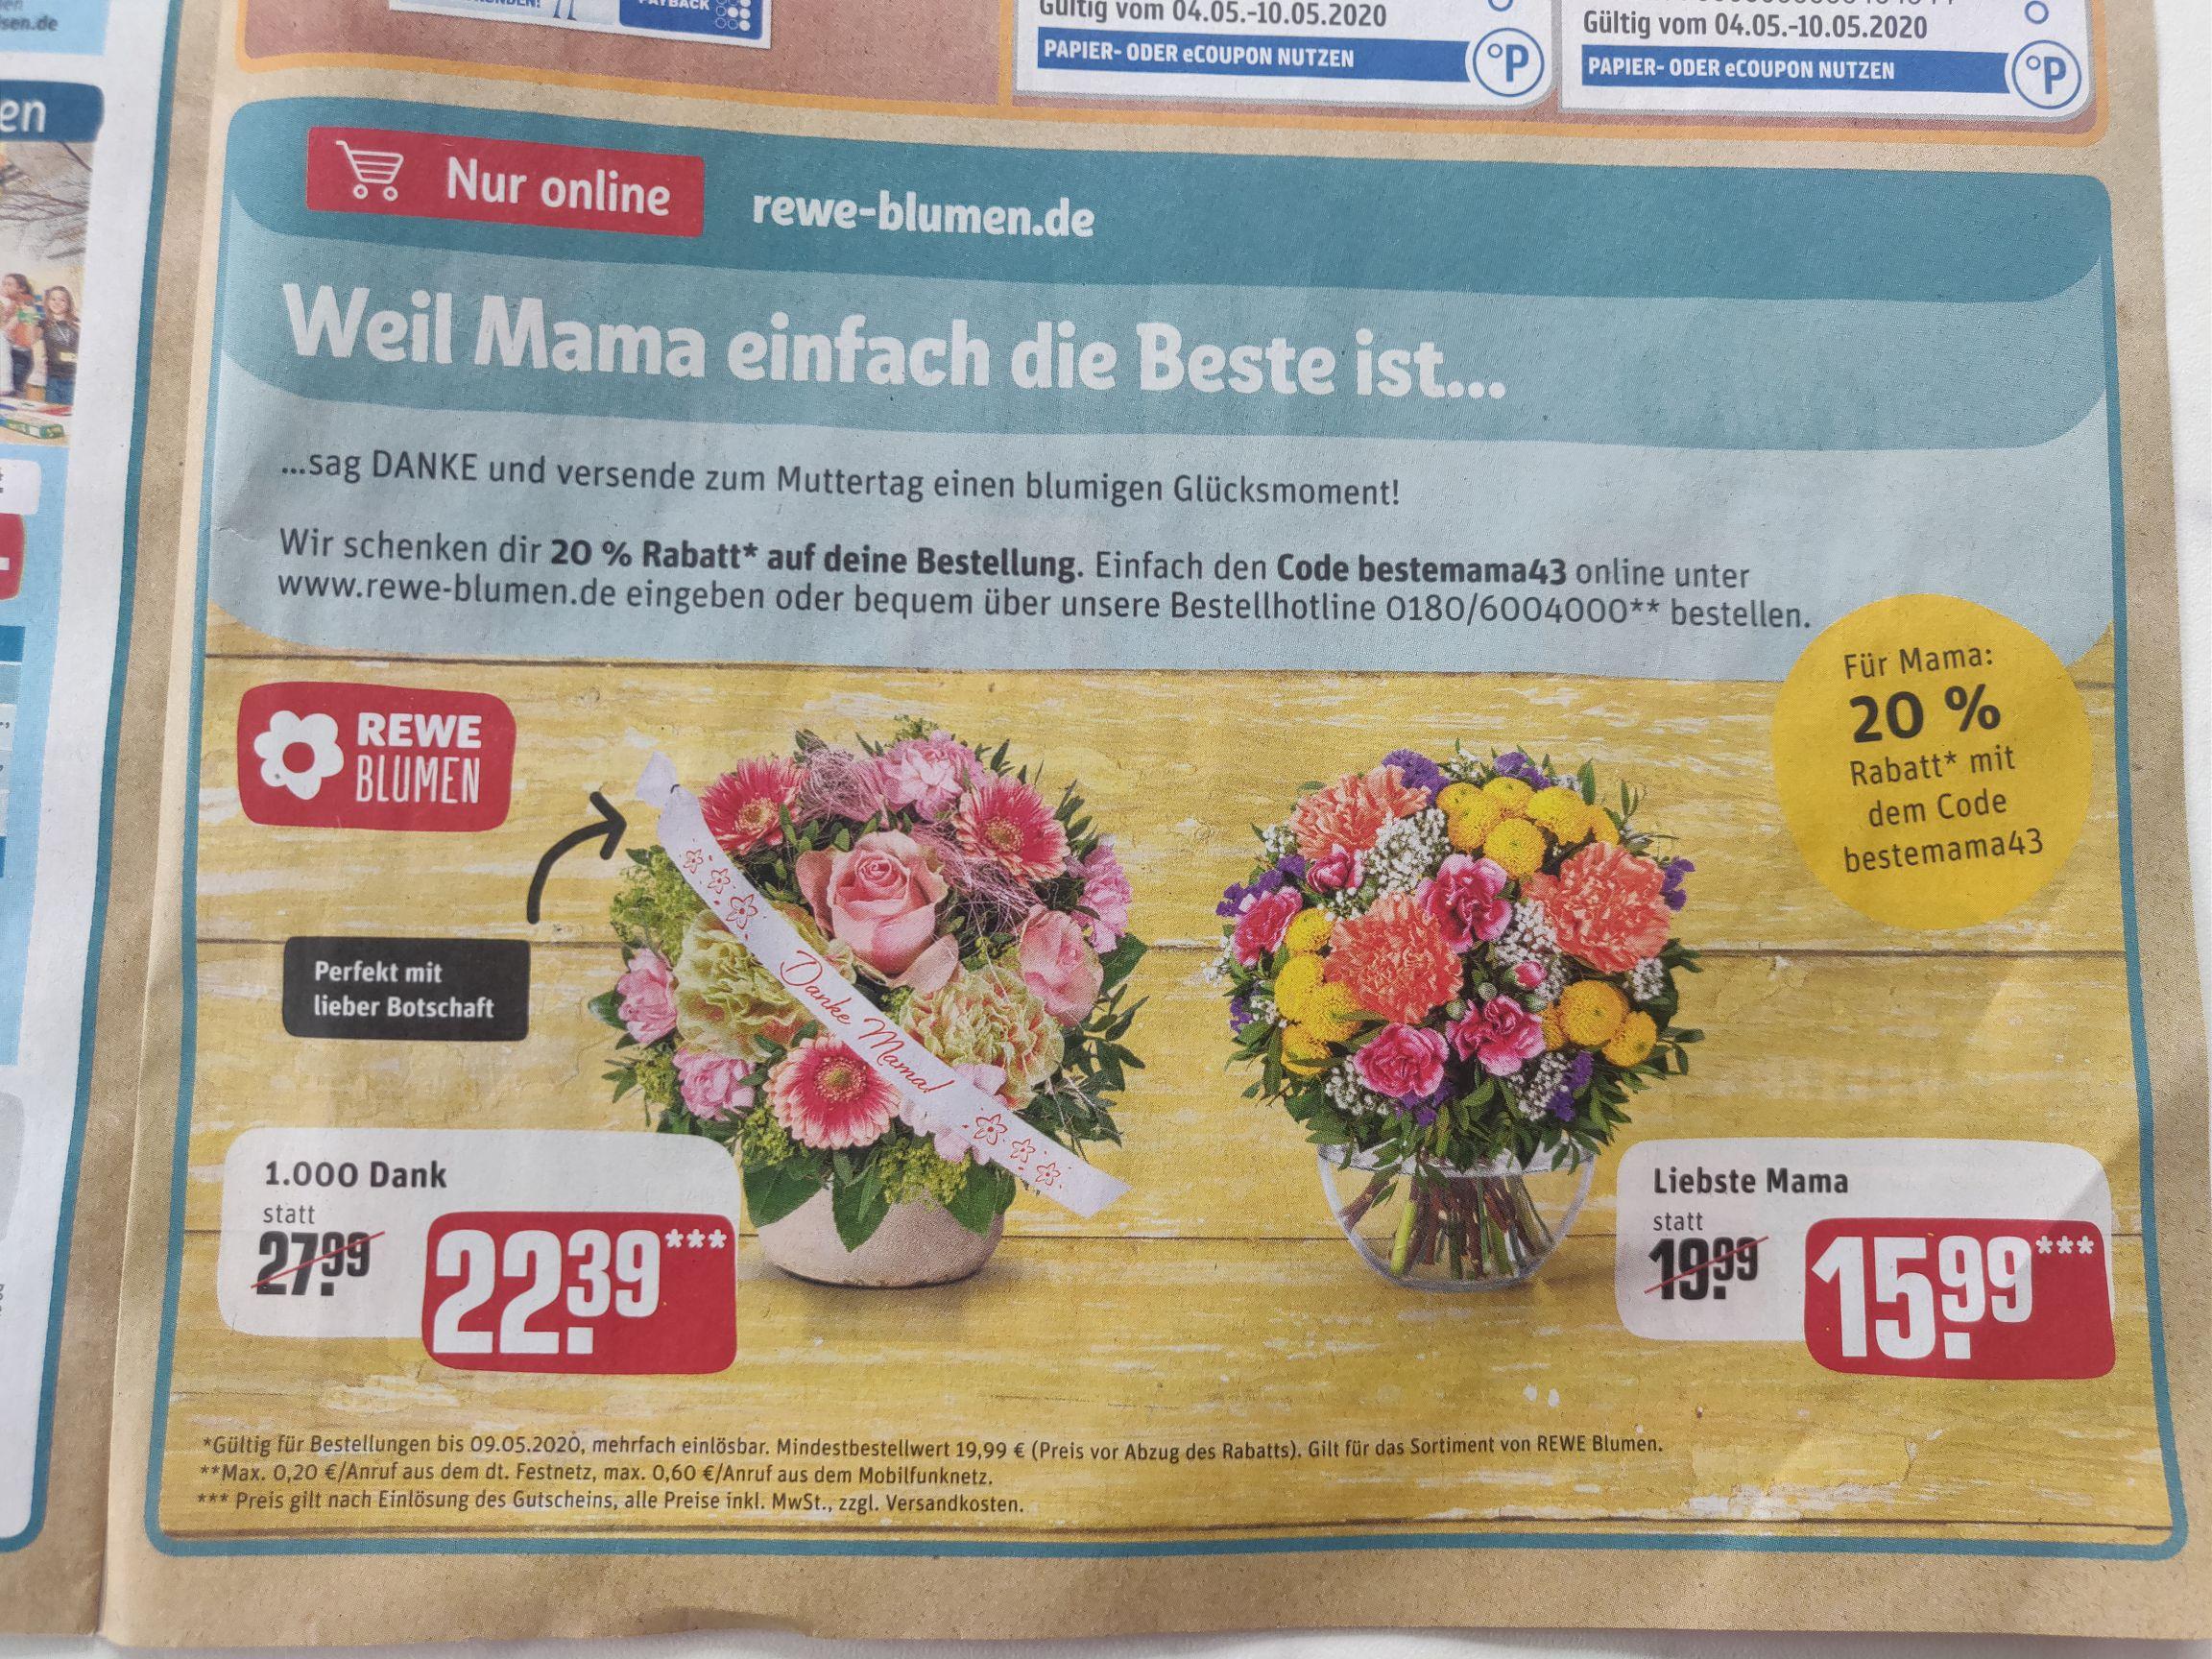 20% Gutschein bei Rewe-Blumen zum Muttertag (Online, bundesweit)